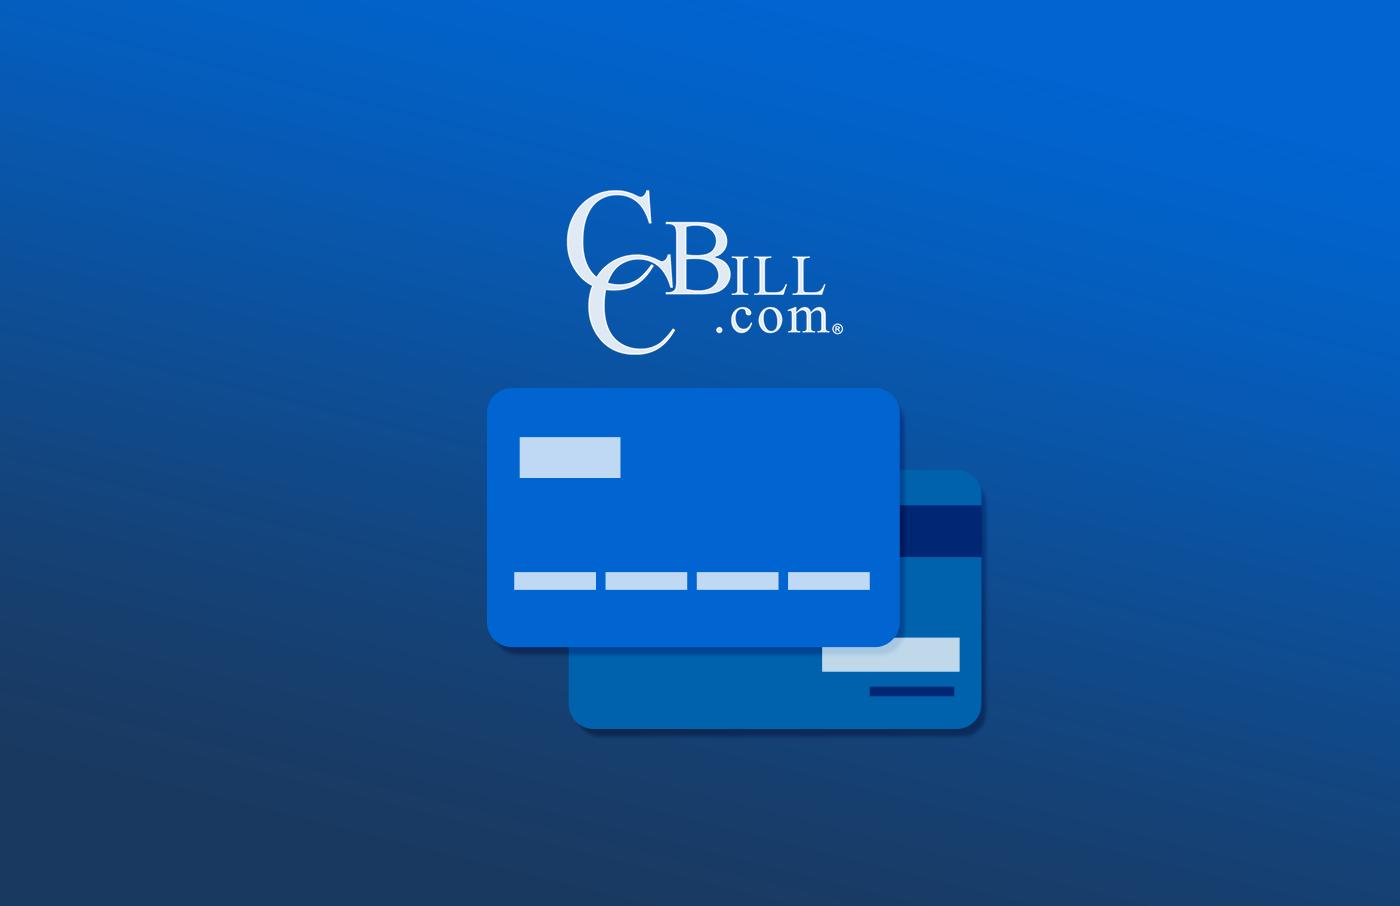 www.ccbill.com